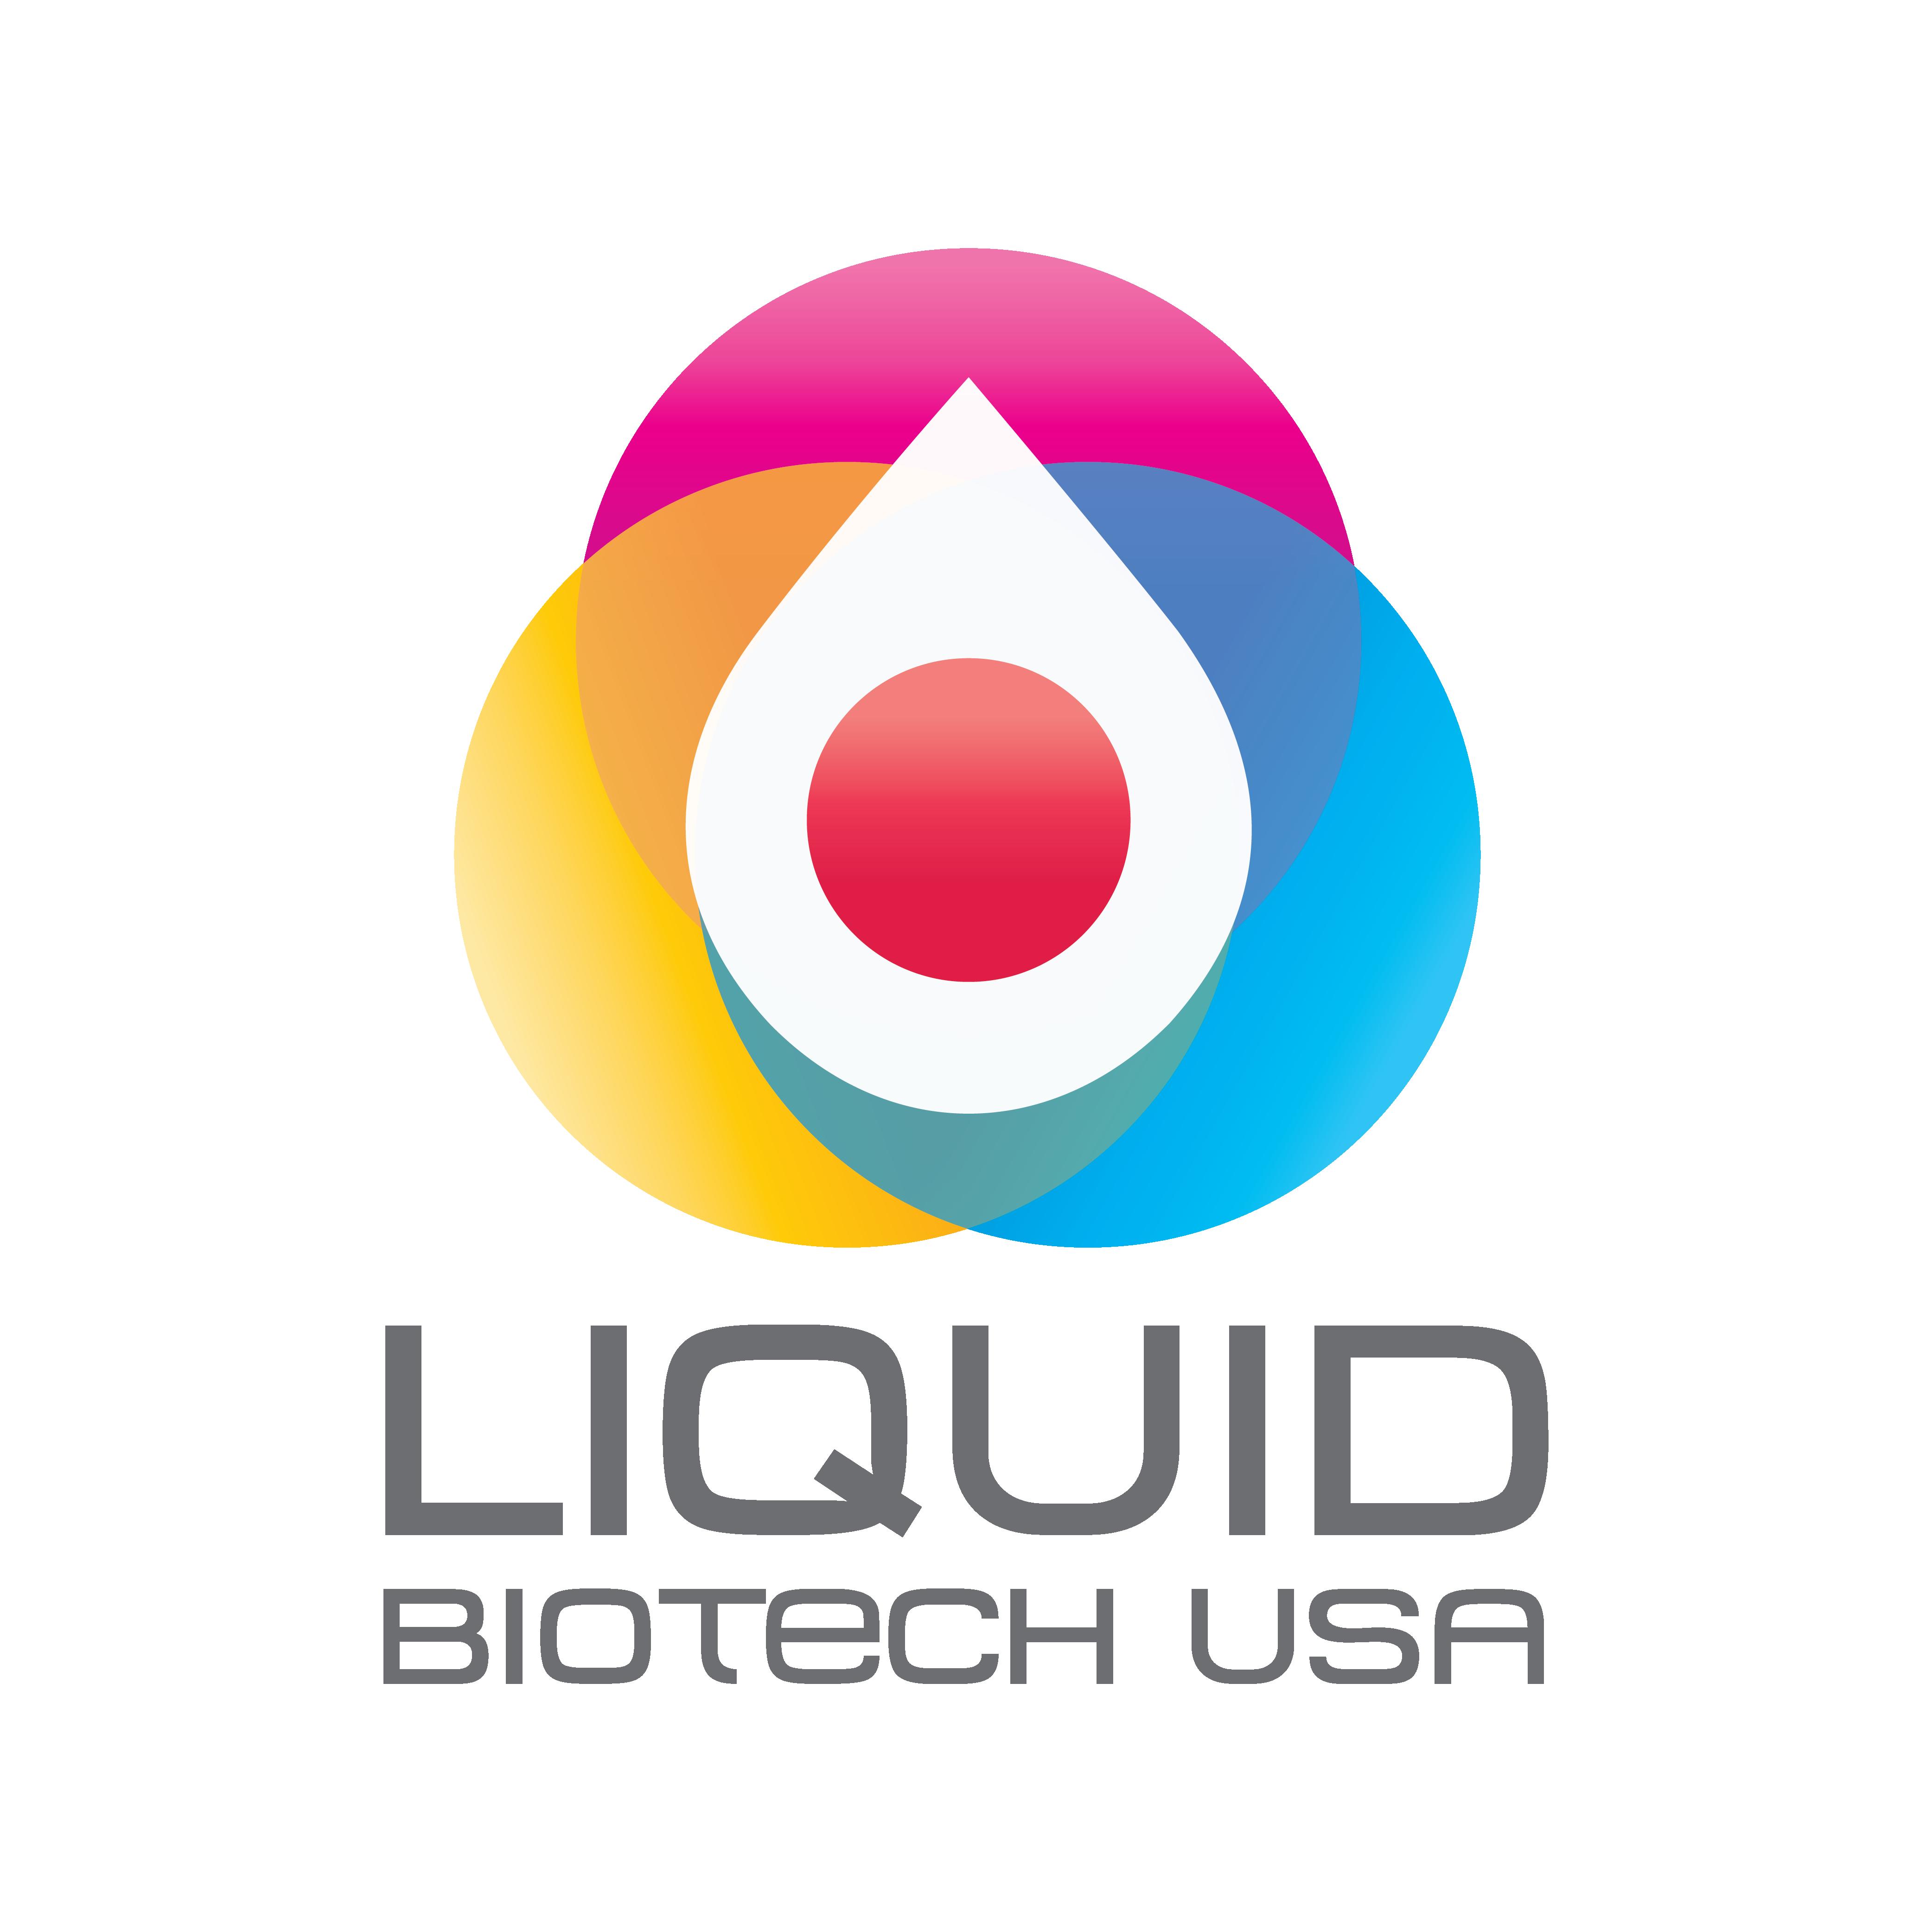 Liquid Biotech USA Logo